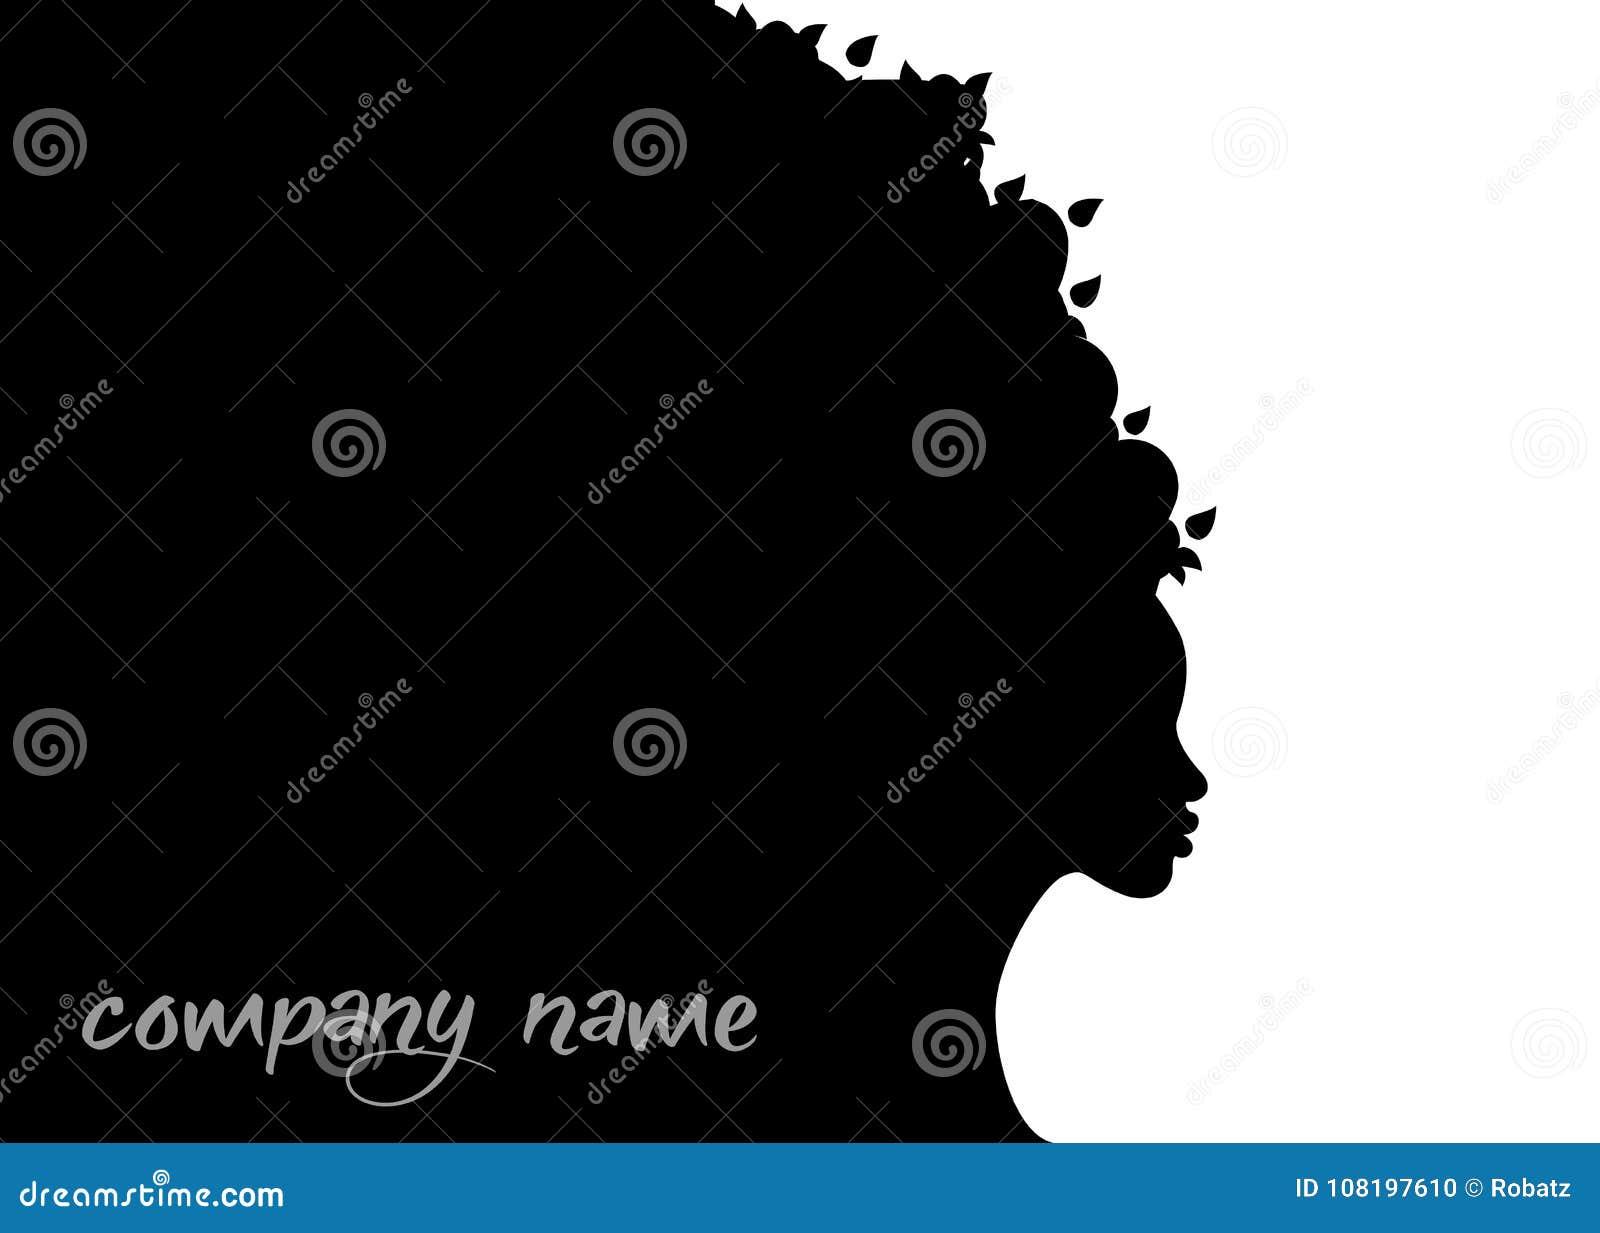 Красивый профиль женский фото, прозрачные трусики на пышных моделях эро фото